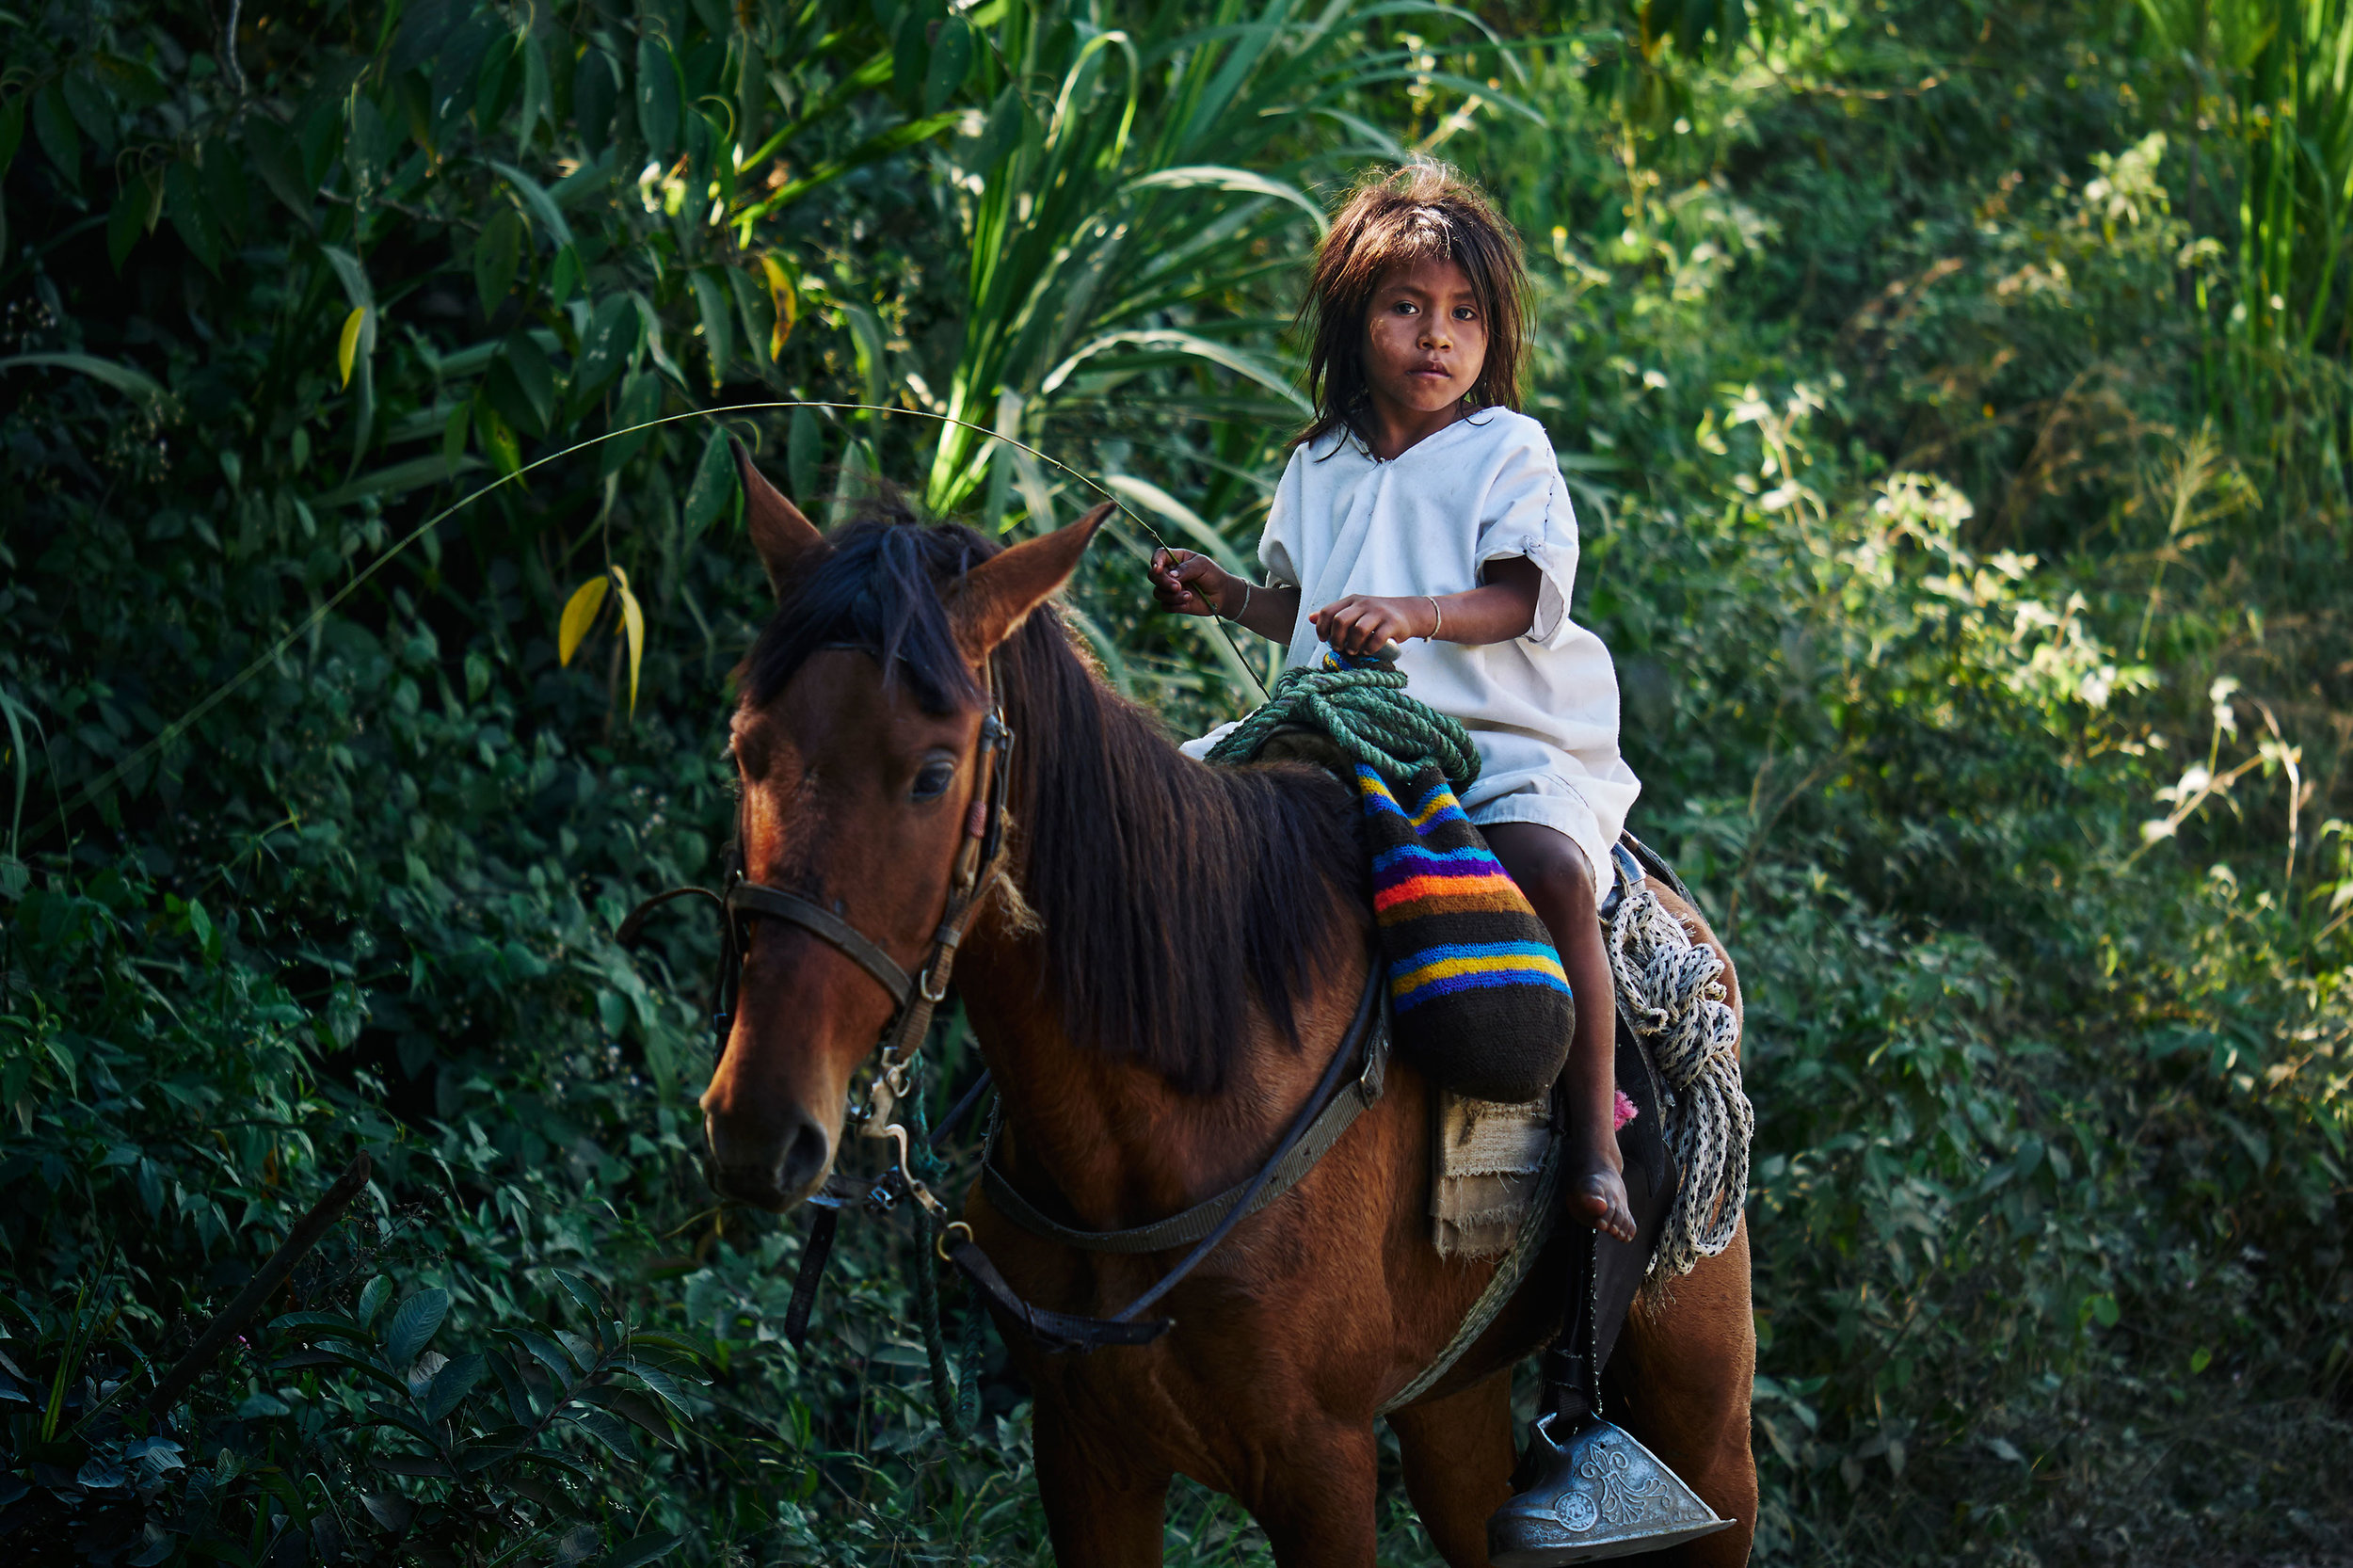 Colombia-travel-Pueblo-Bello-Arhuaco-boy-on-horse